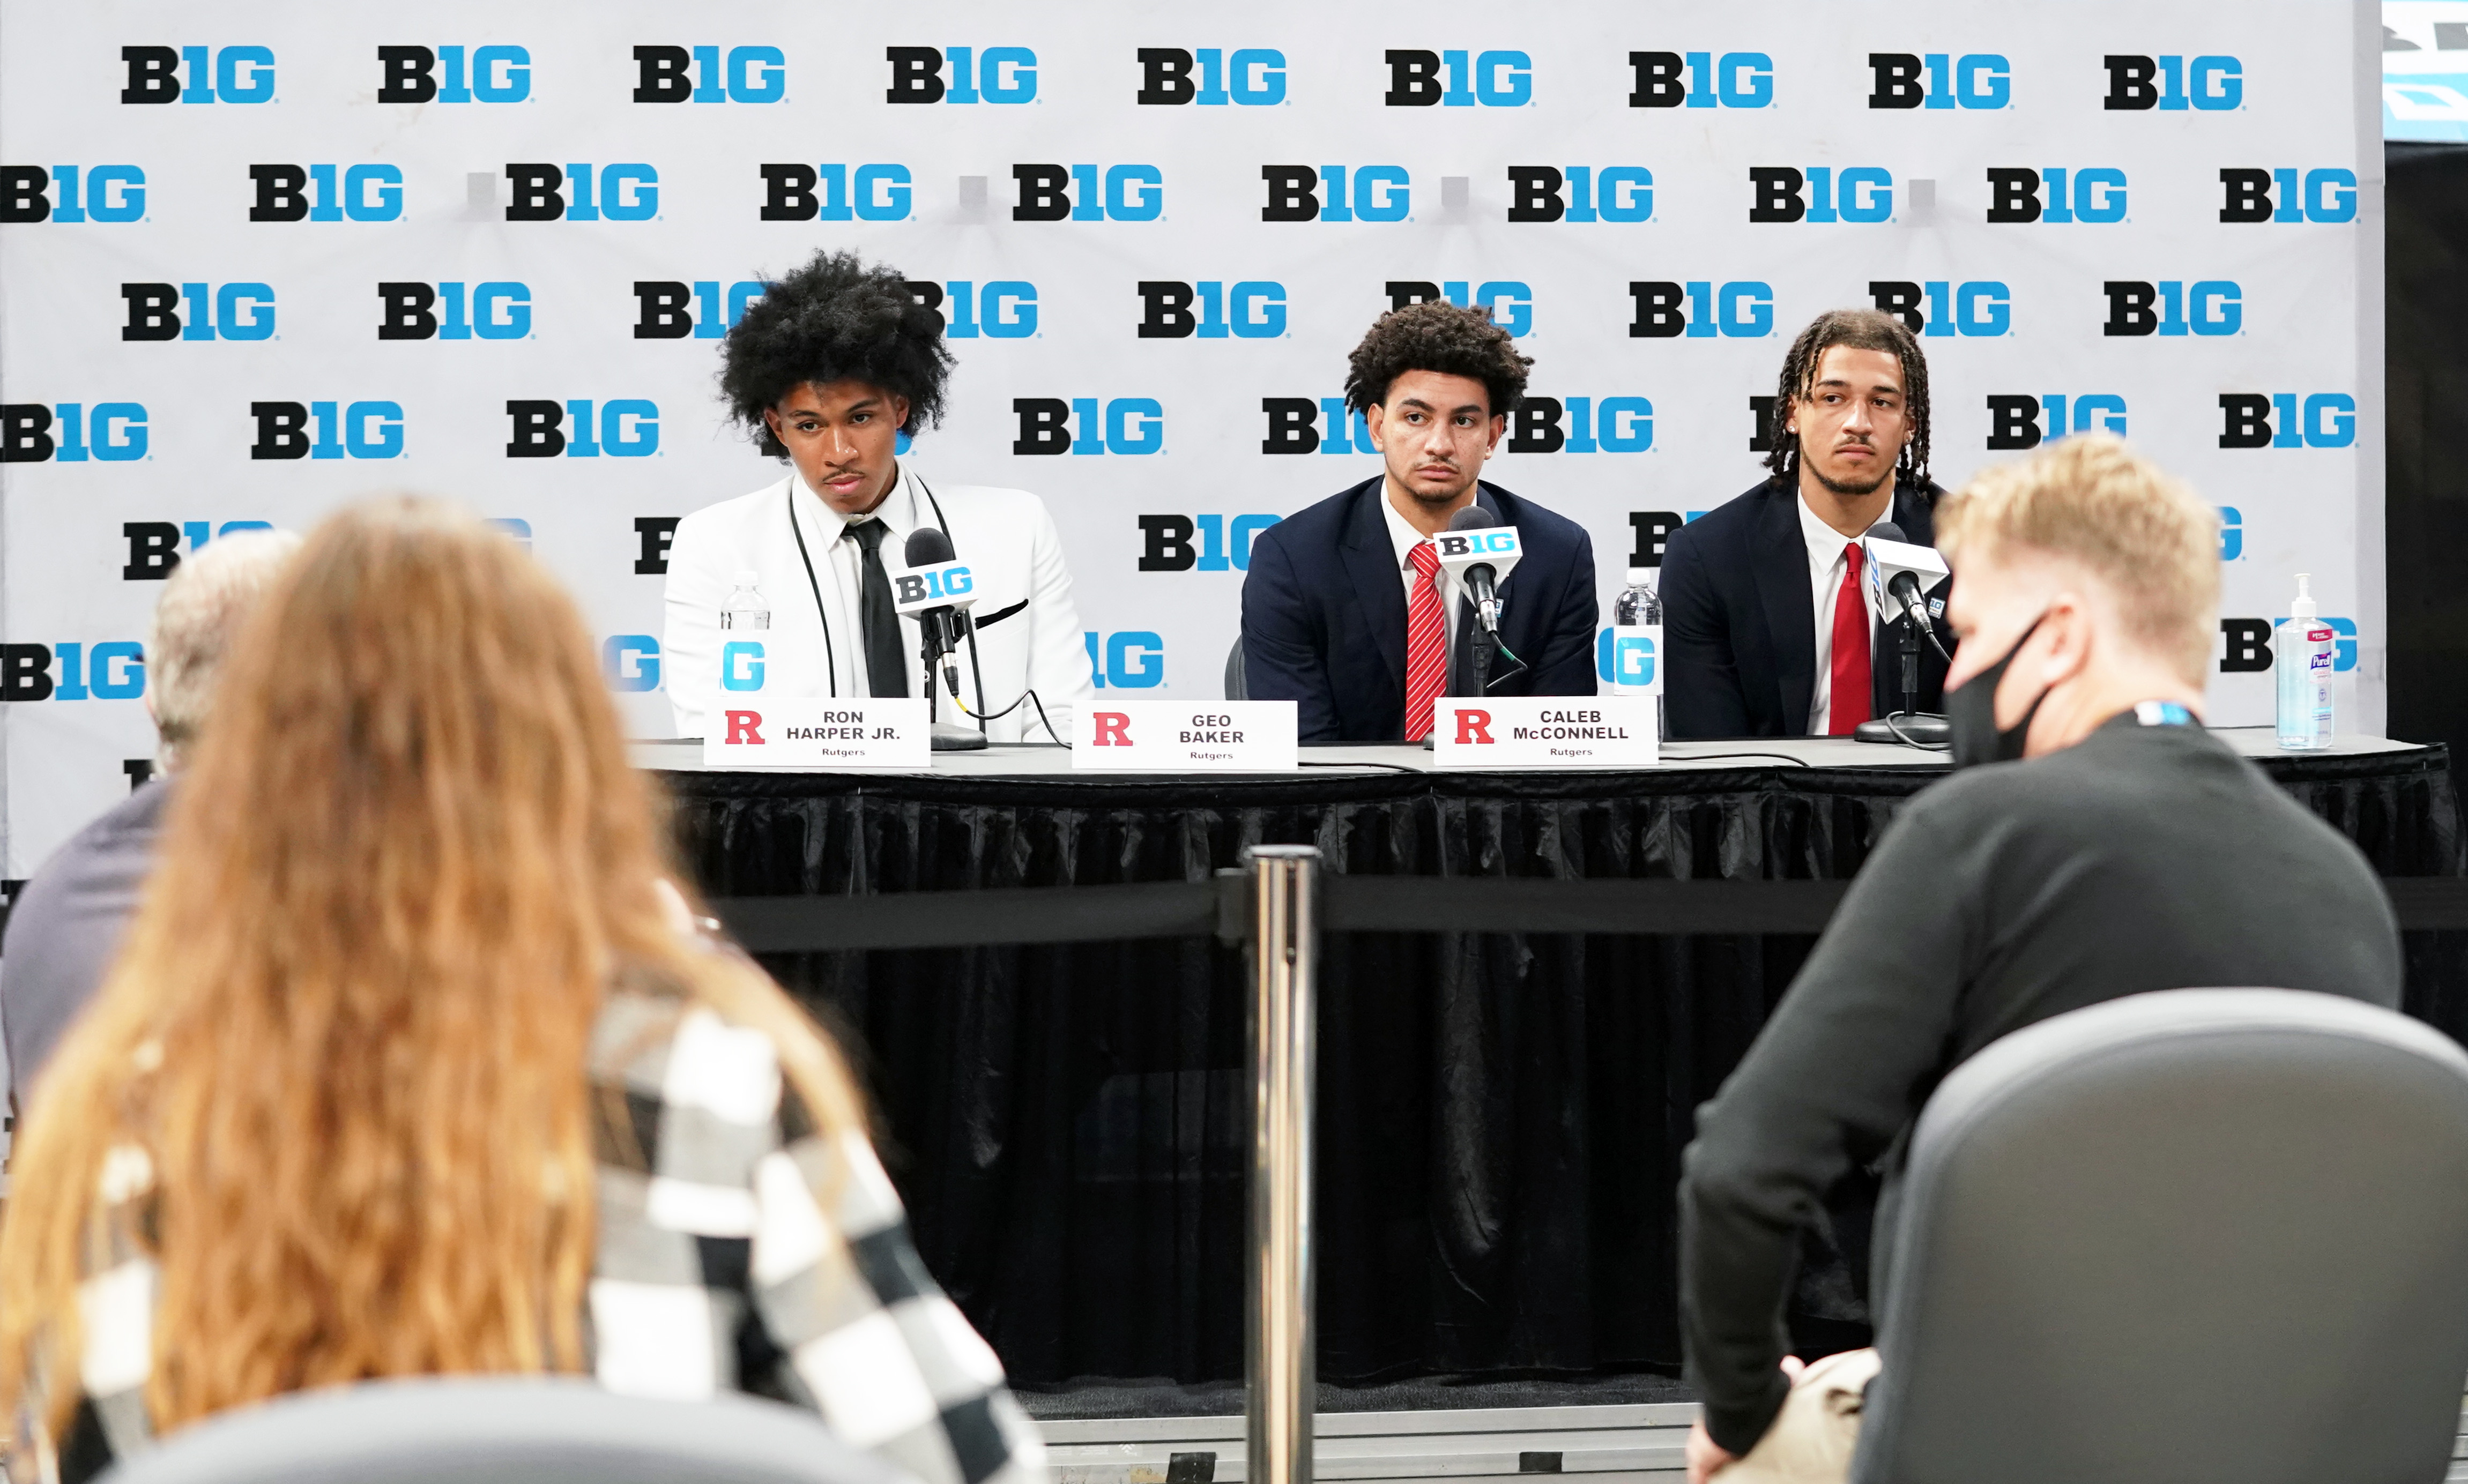 NCAA Basketball: Big Ten Media Days